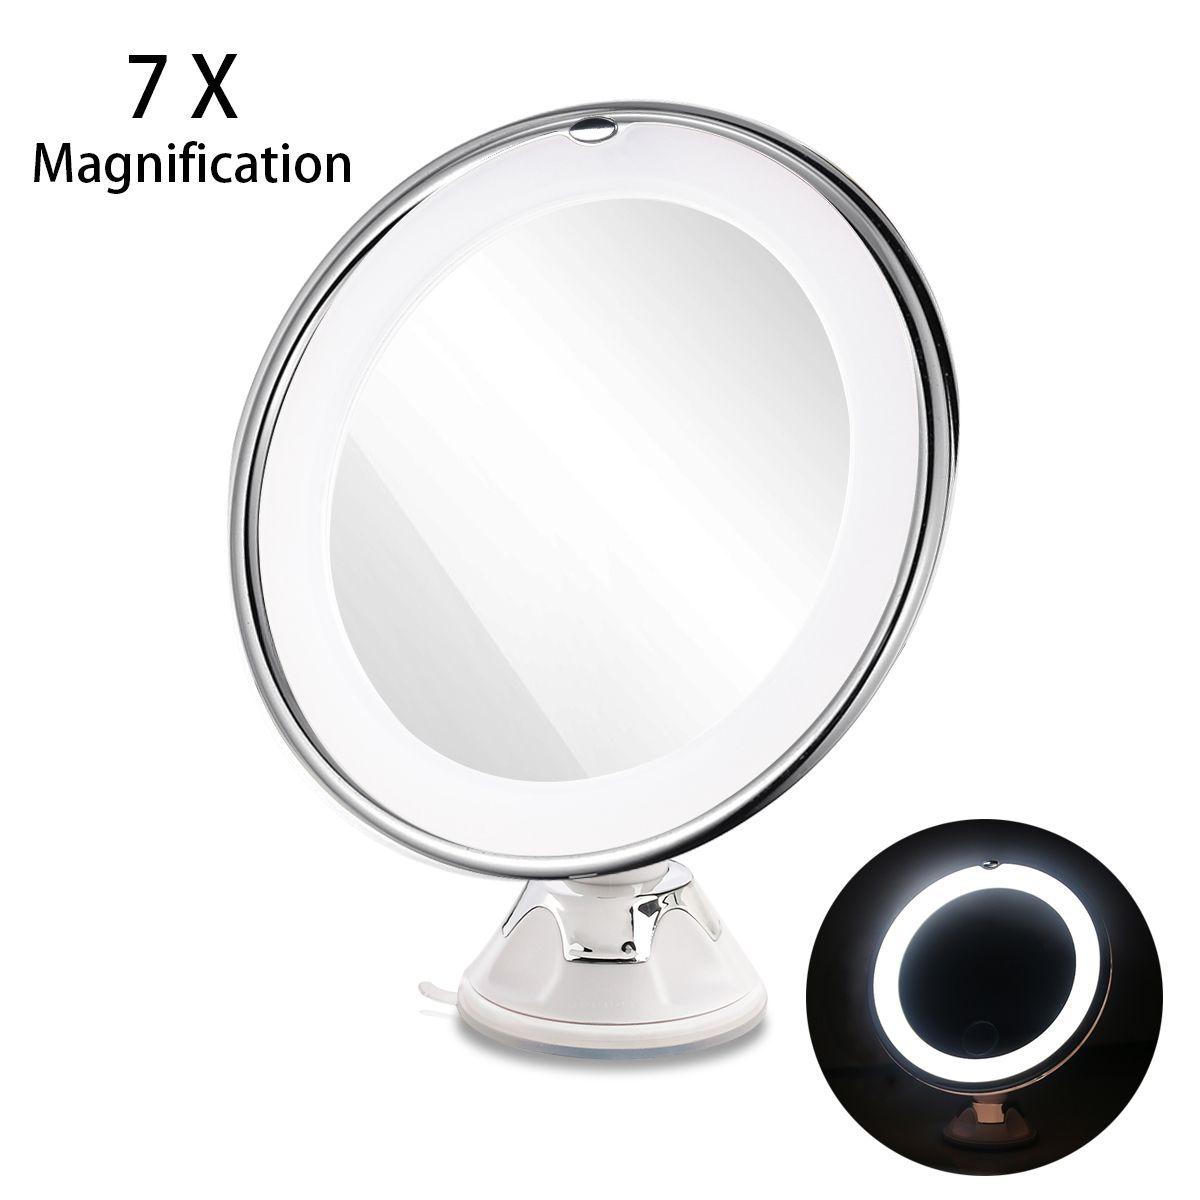 ruimio led 7x vergr erungs kosmetische make up spiegel mit power locking saugnapf bright. Black Bedroom Furniture Sets. Home Design Ideas